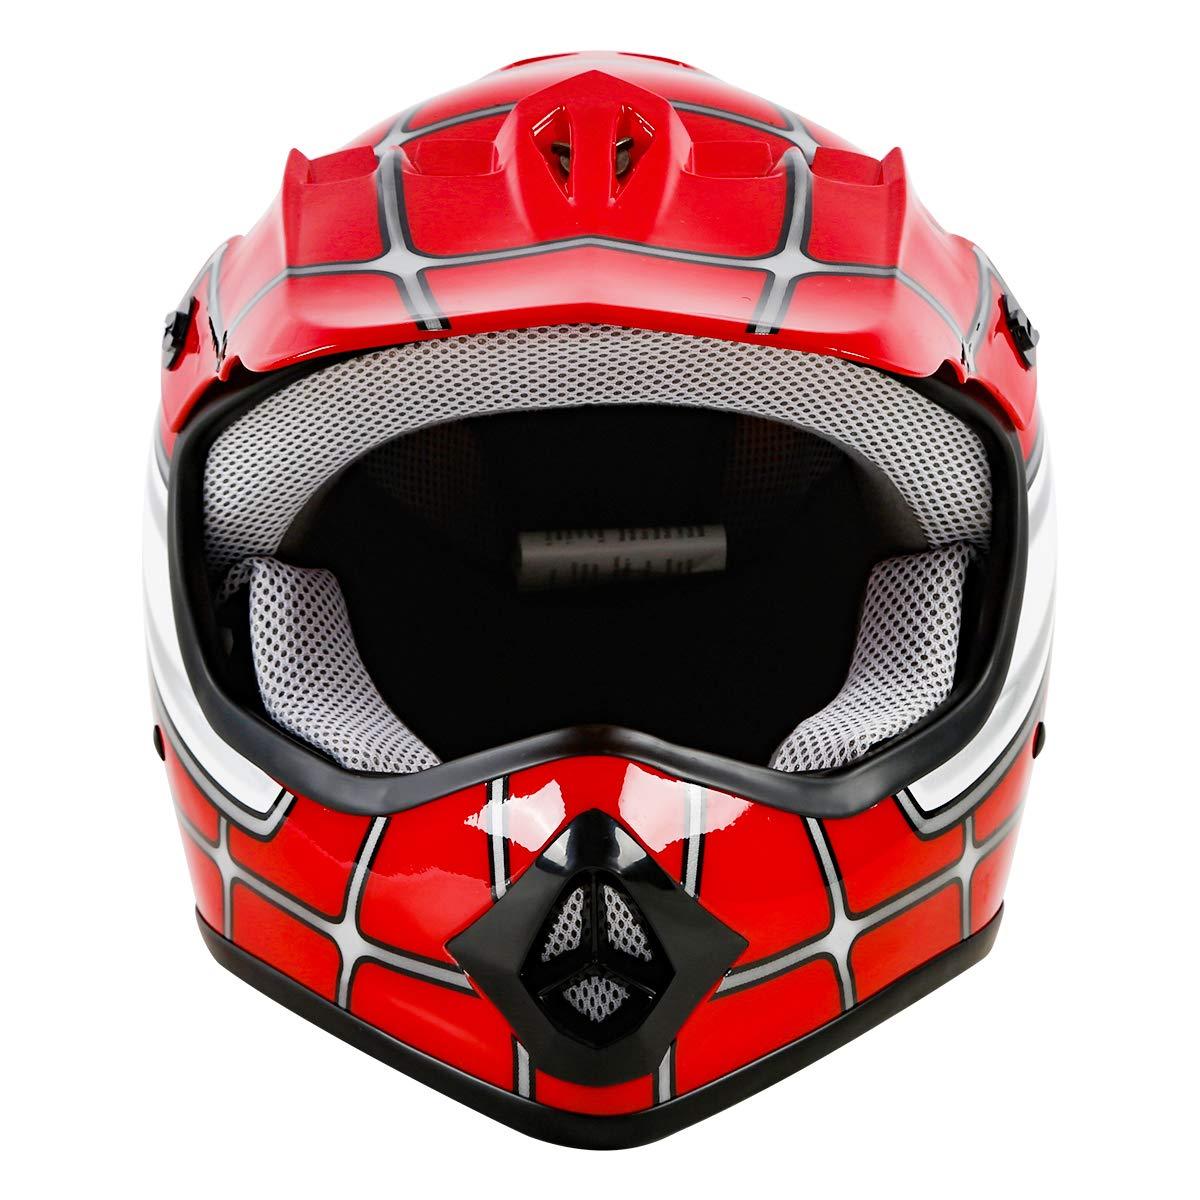 S TCT-MT Youth Kids Helmets+Goggles+Gloves Red Spider DOT Net Dirt Bike Helmet Motocross ATV MX Helmet w//Gloves+Goggles